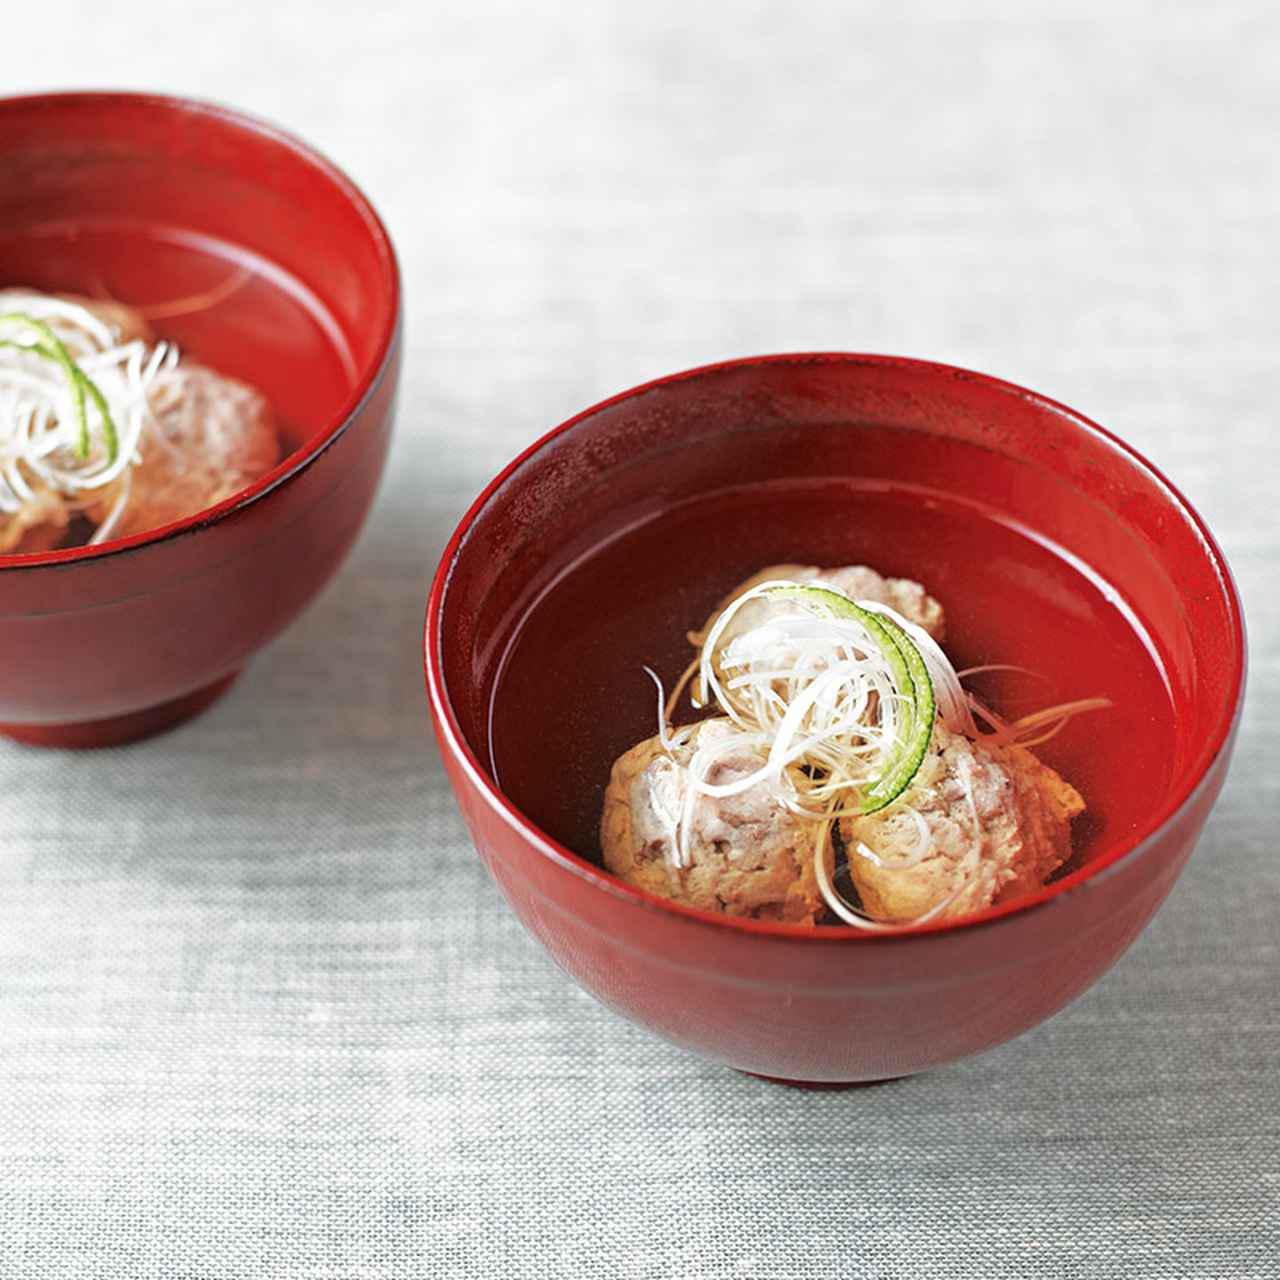 画像: 「いわしのつみれ汁」のつくり方|季節の魚料理「いわし」